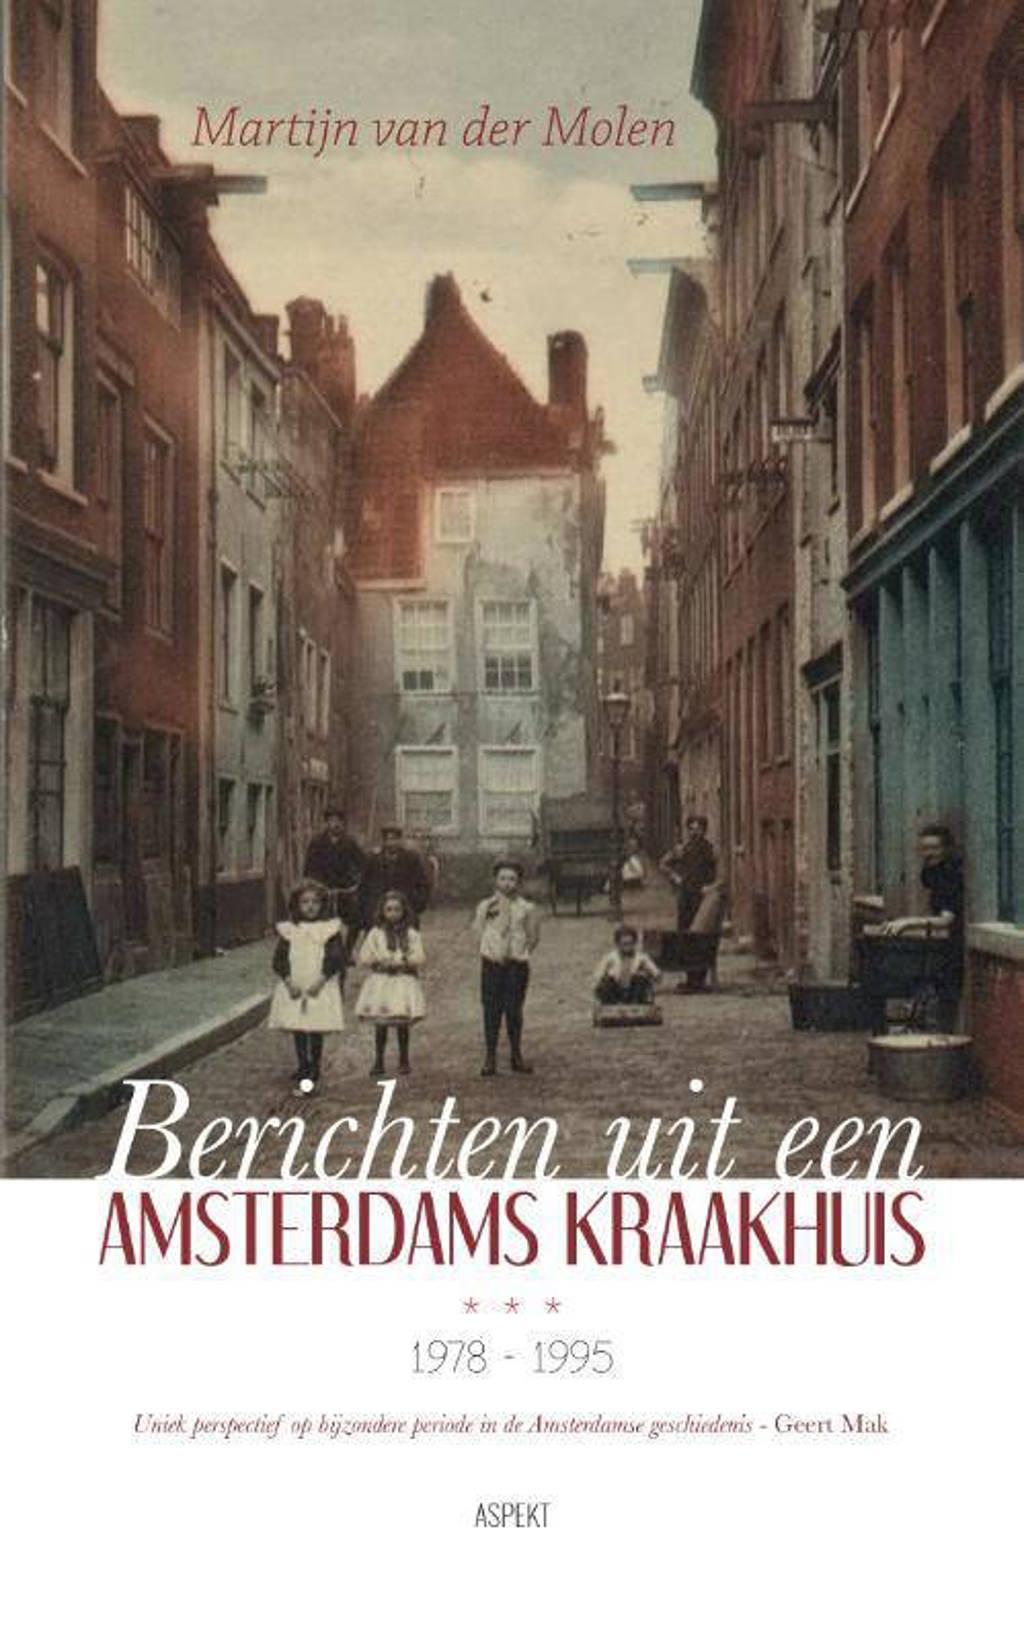 Berichten uit een Amsterdams kraakhuis 1978-1995 - Martijn van der Molen